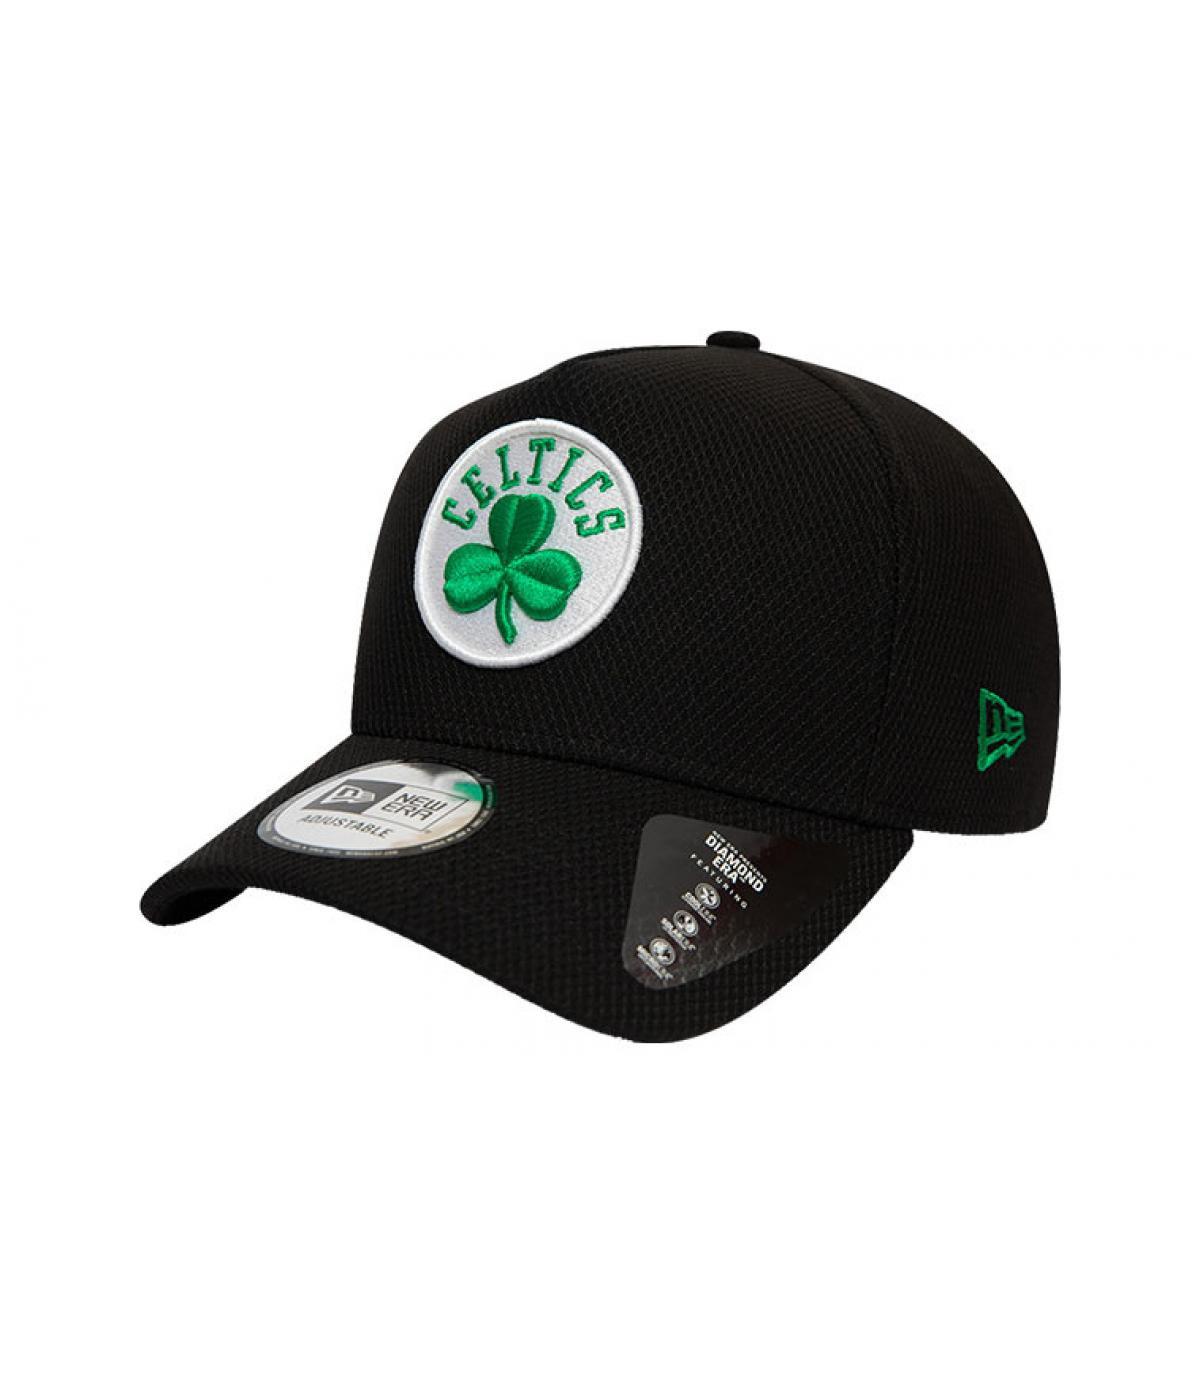 casquette Celtics noir logo